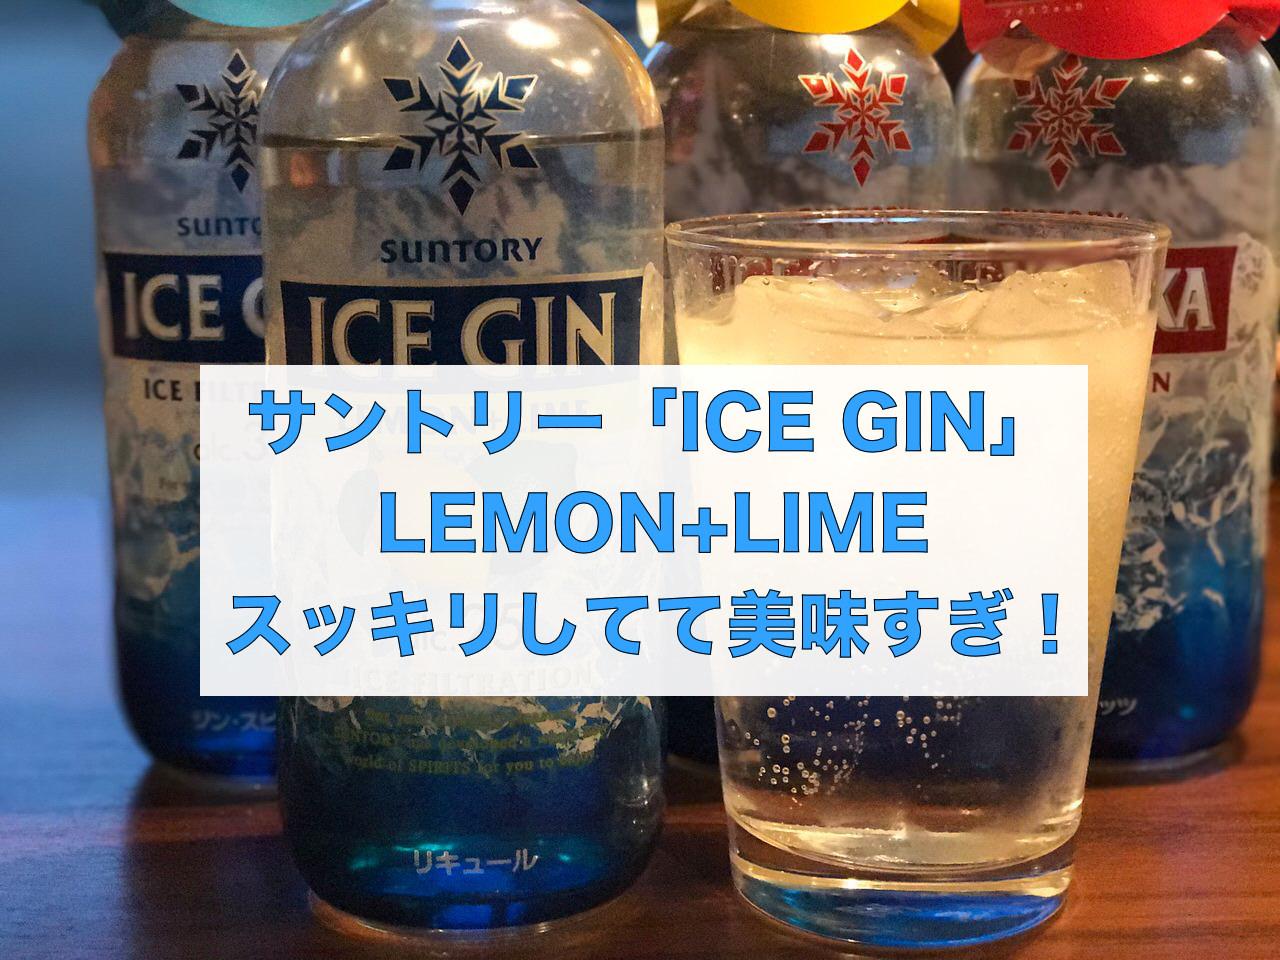 サントリー「アイスジン レモン+ライム」スッキリしてて美味いし食事にも合う!